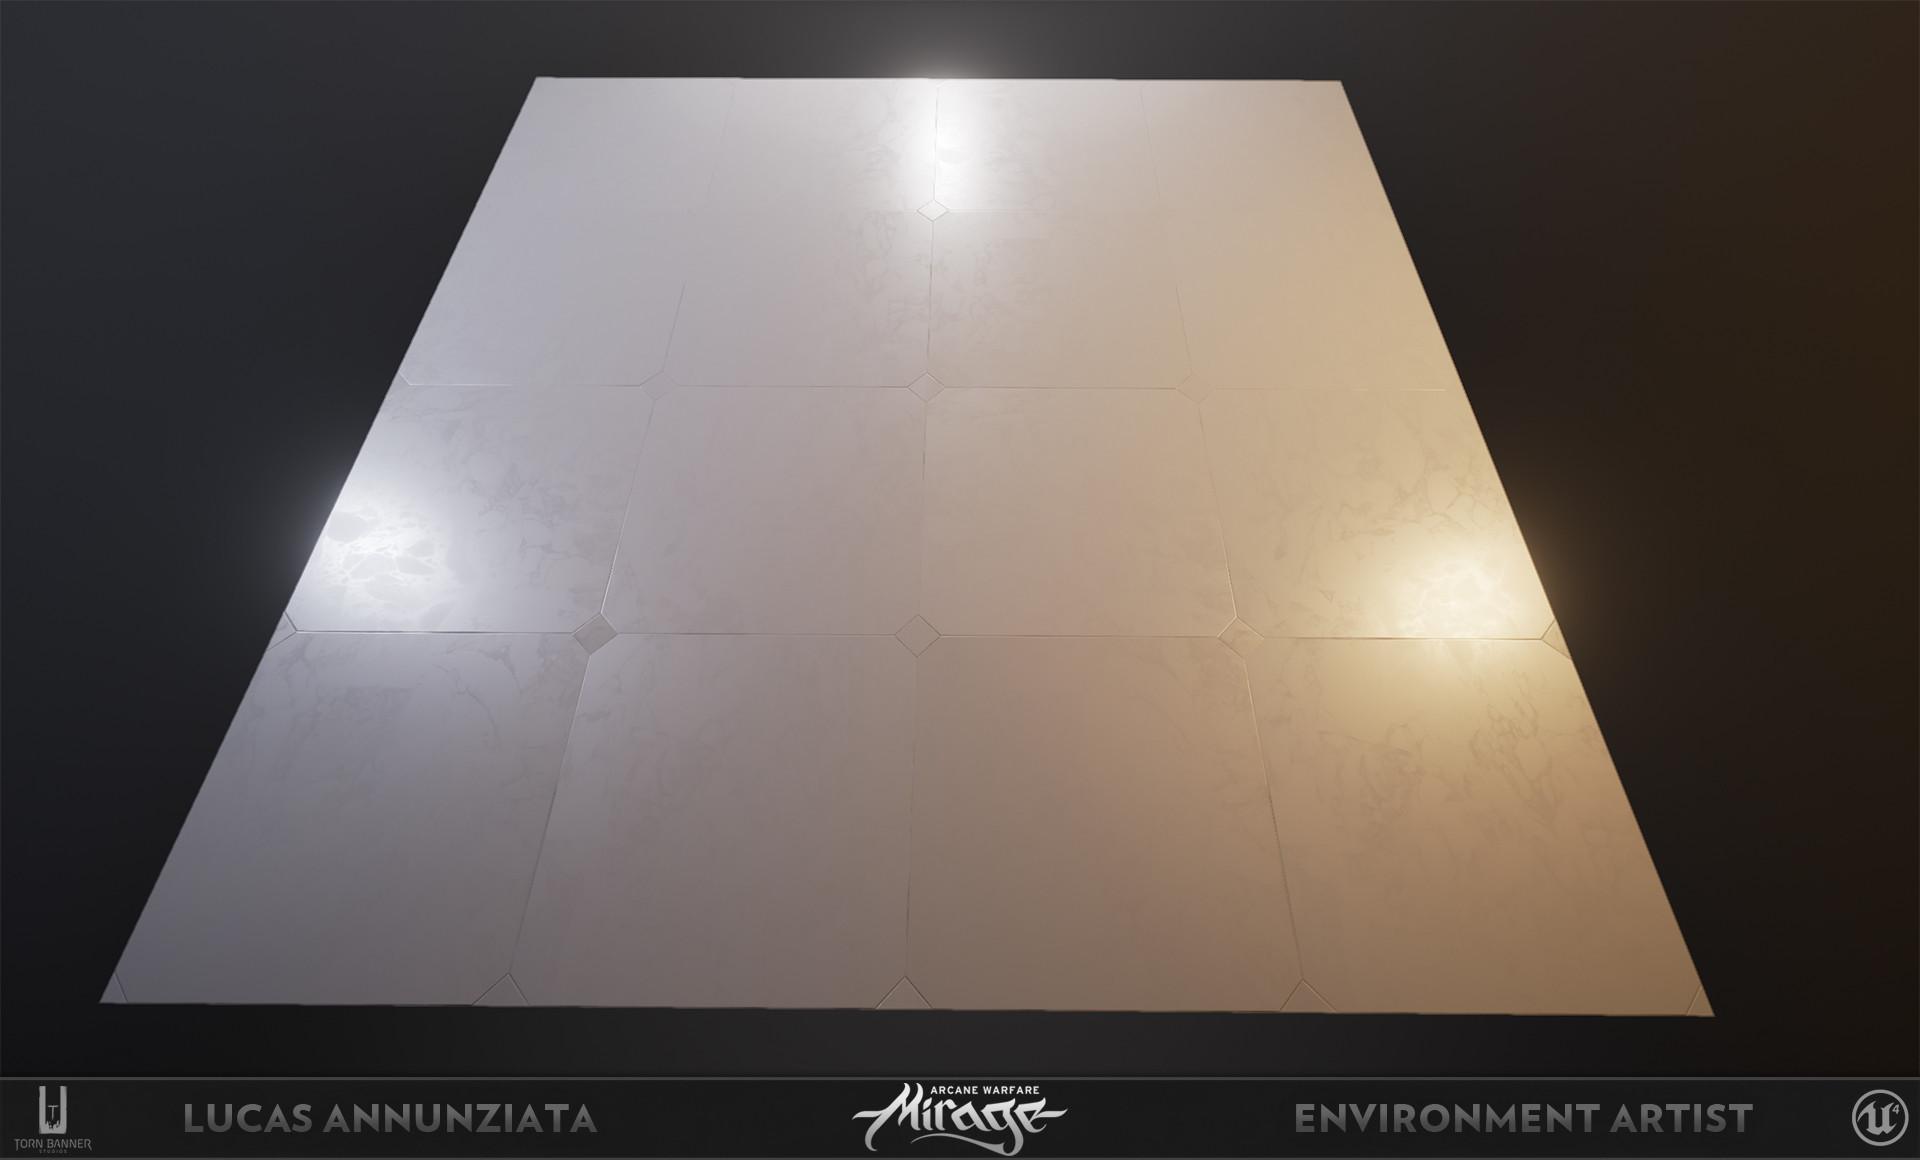 Lucas annunziata marble 11